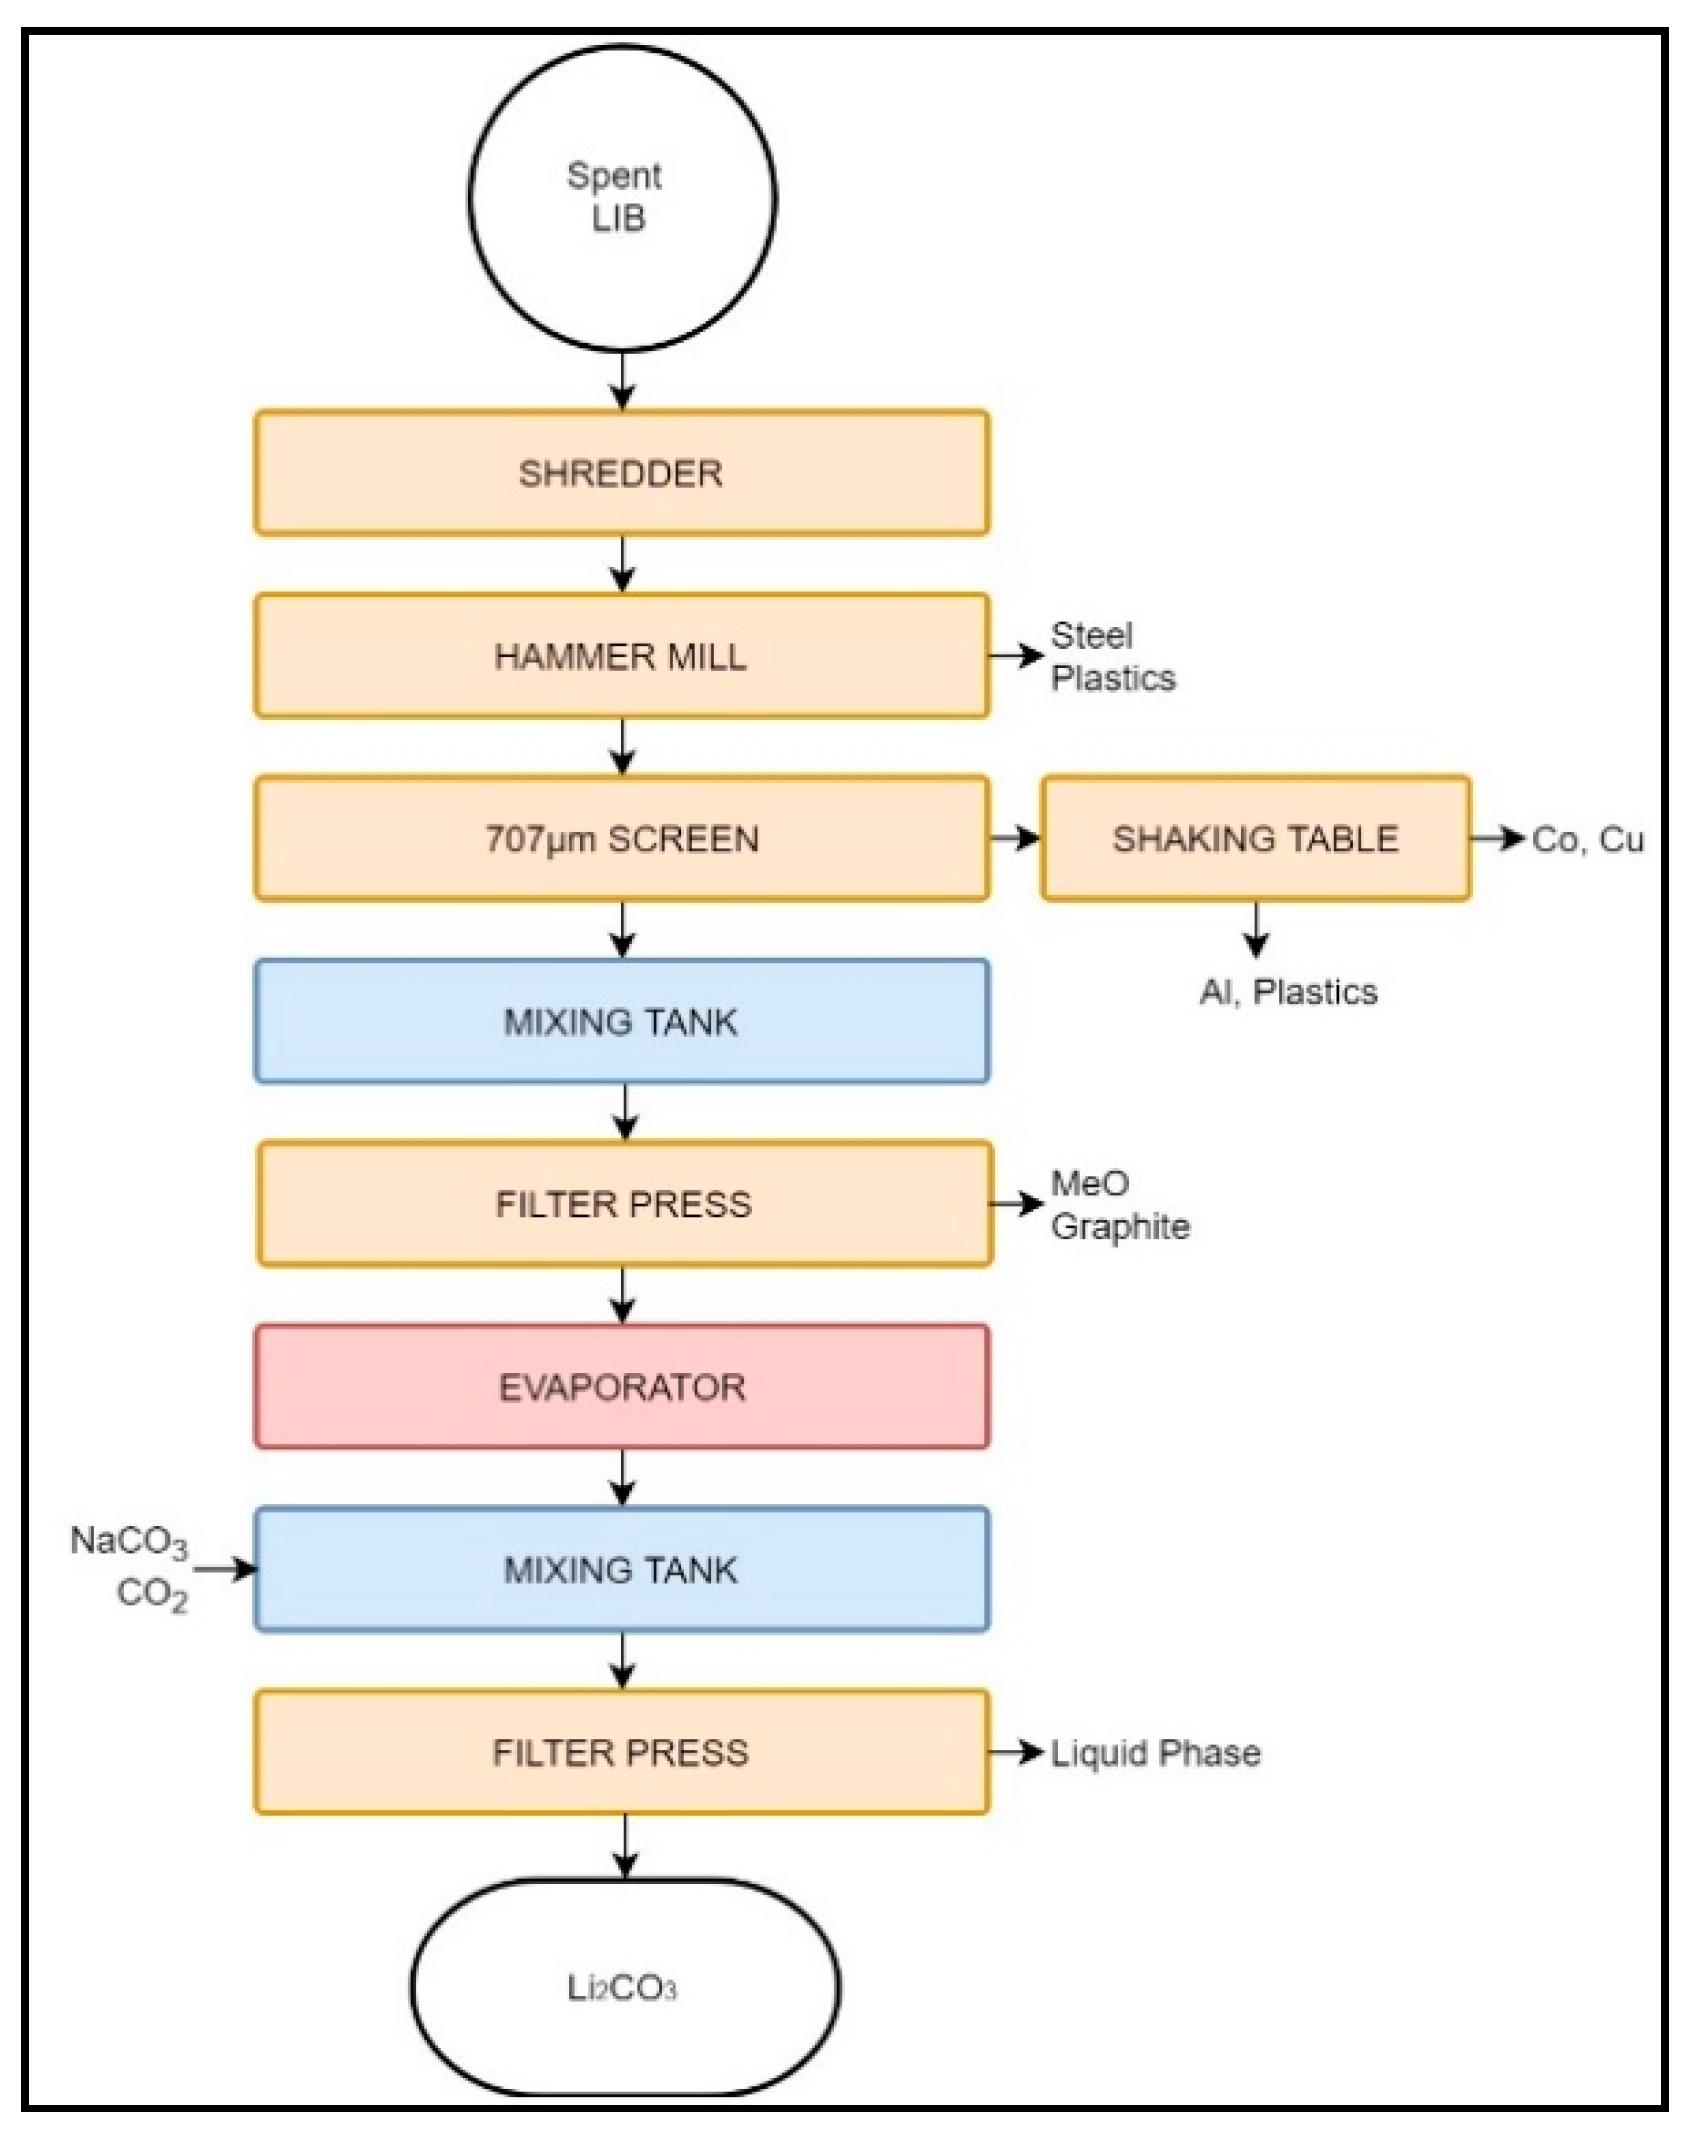 misoprostol structure